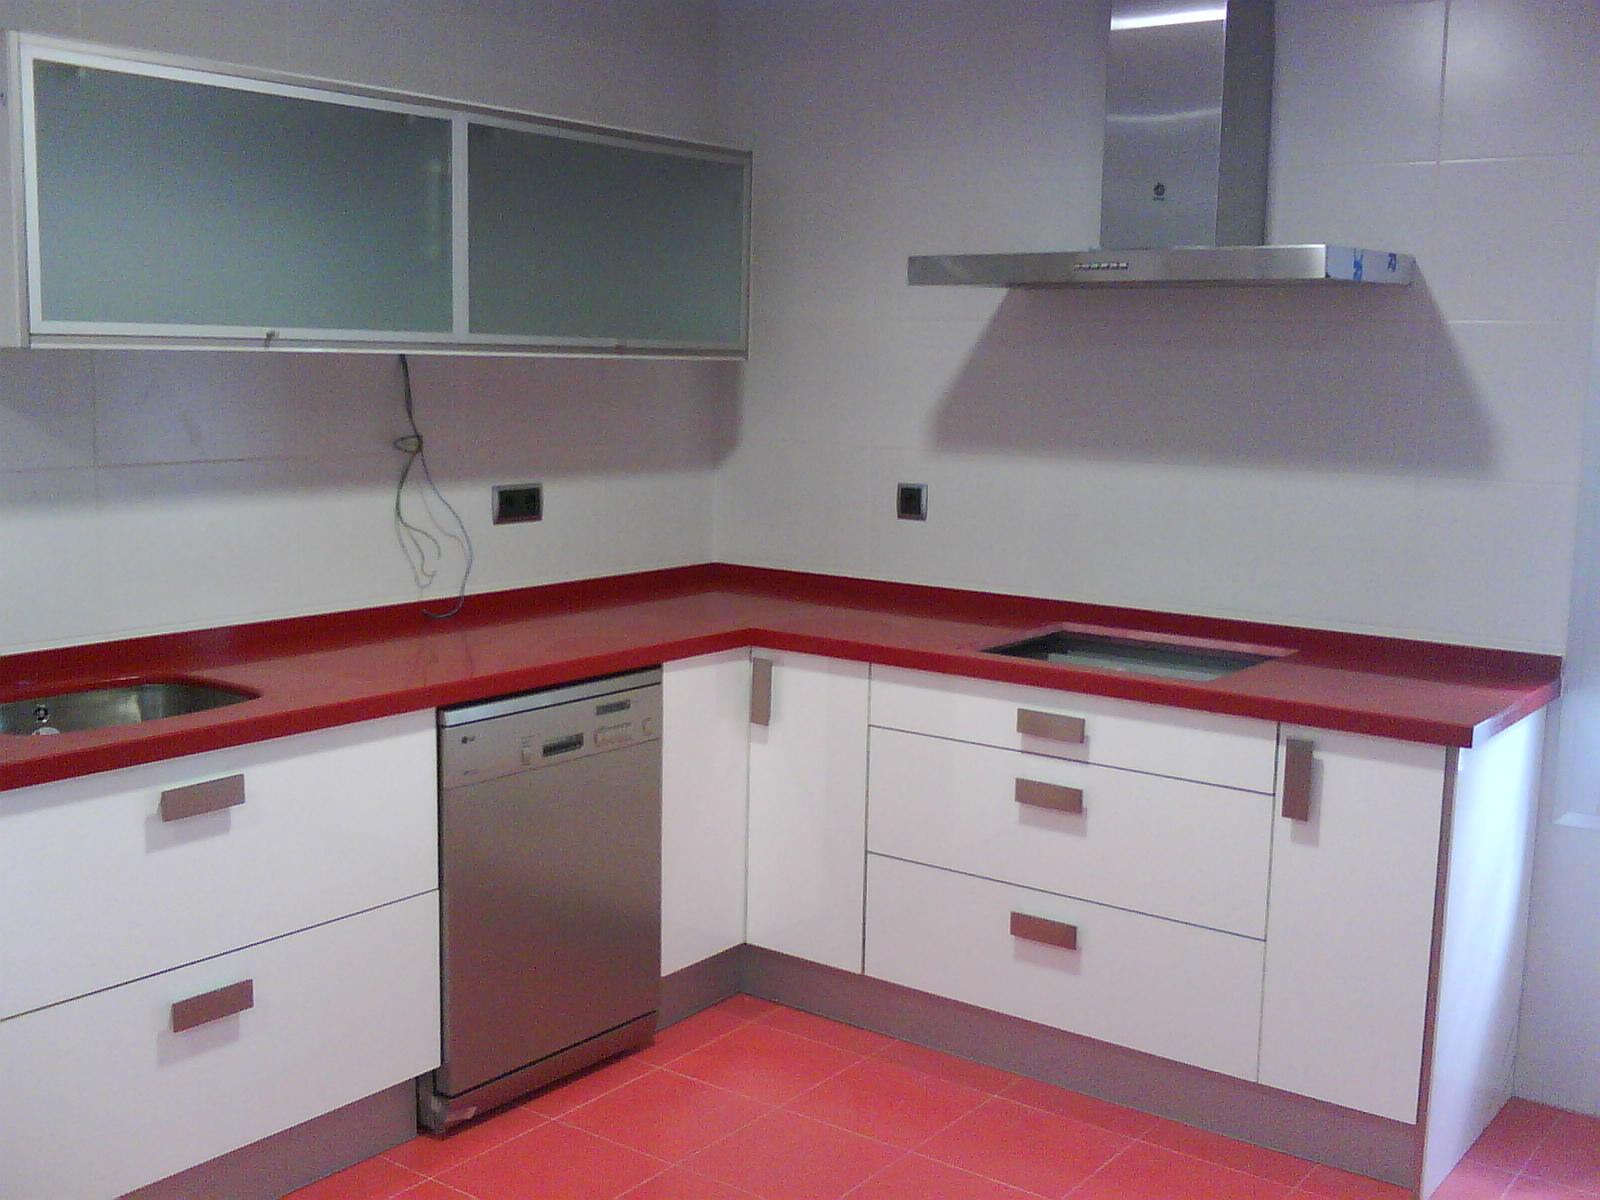 cocina blanca y roja 1 image